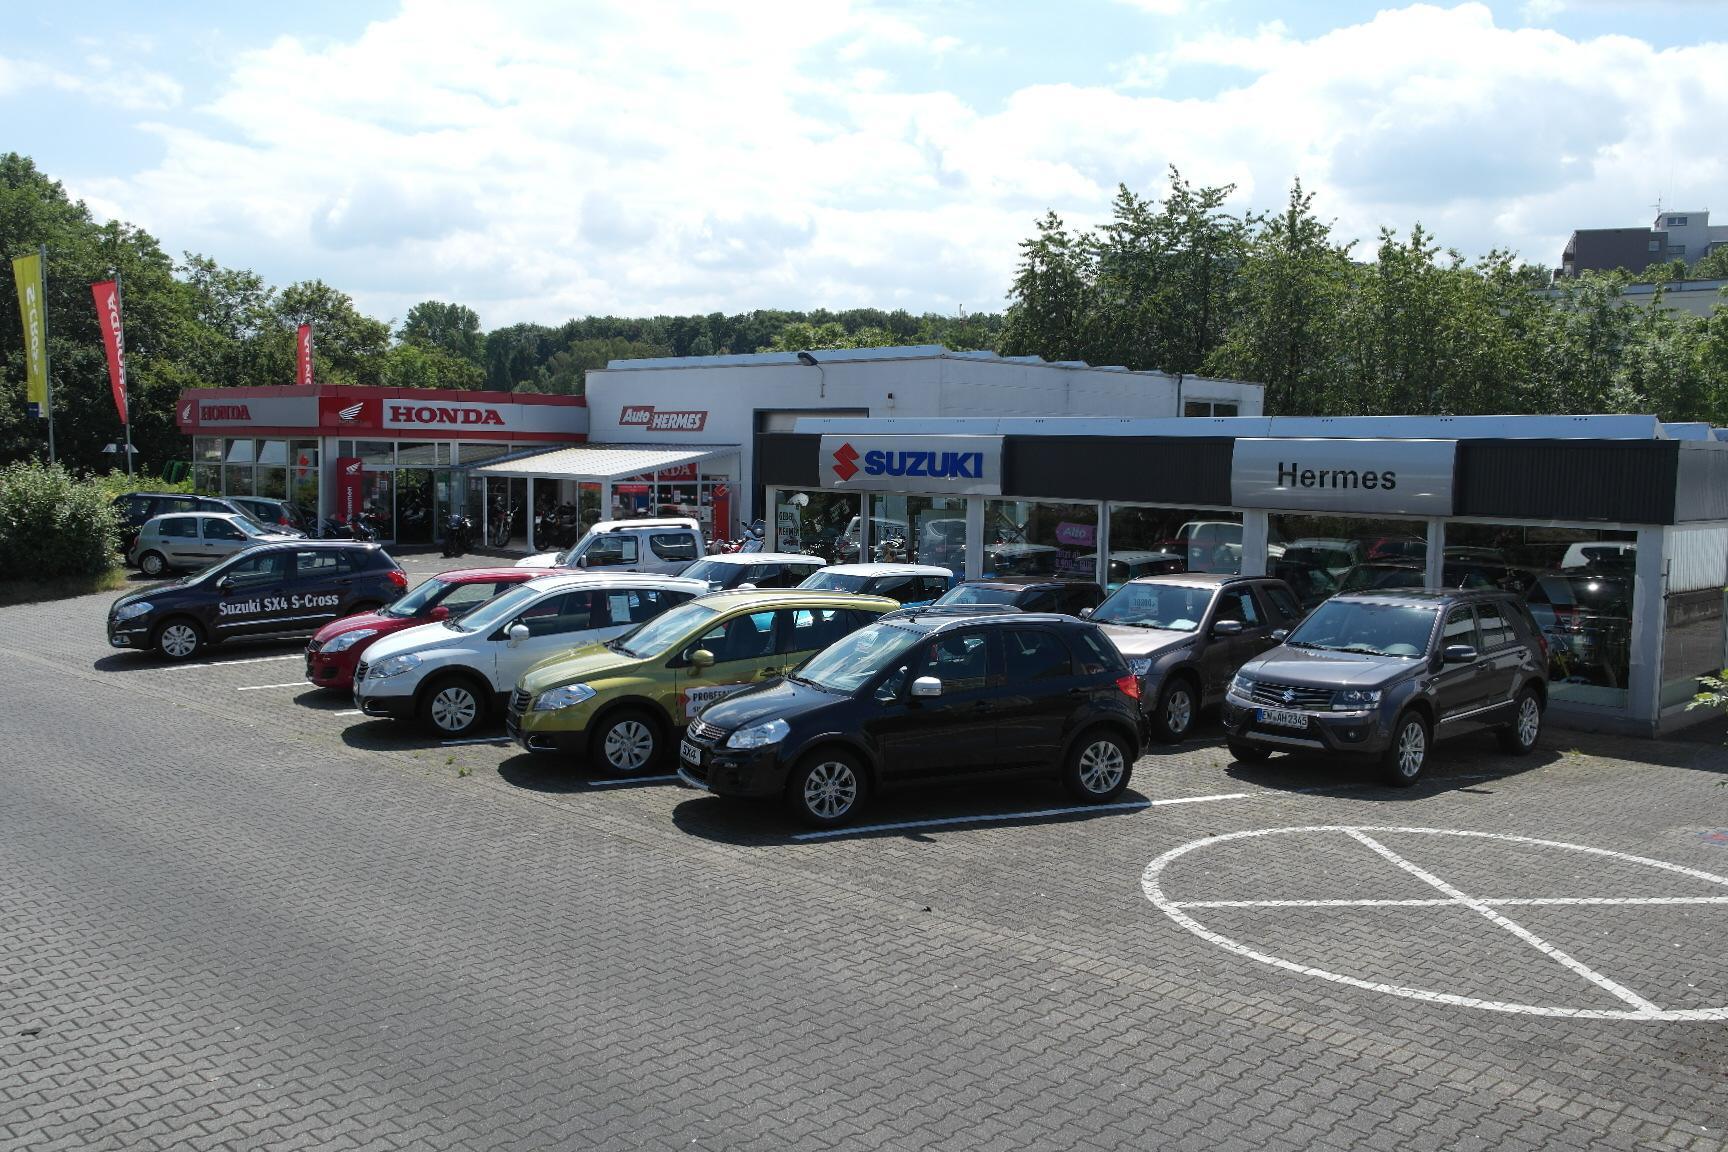 Unternehmensbilder Auto Hermes KG 6